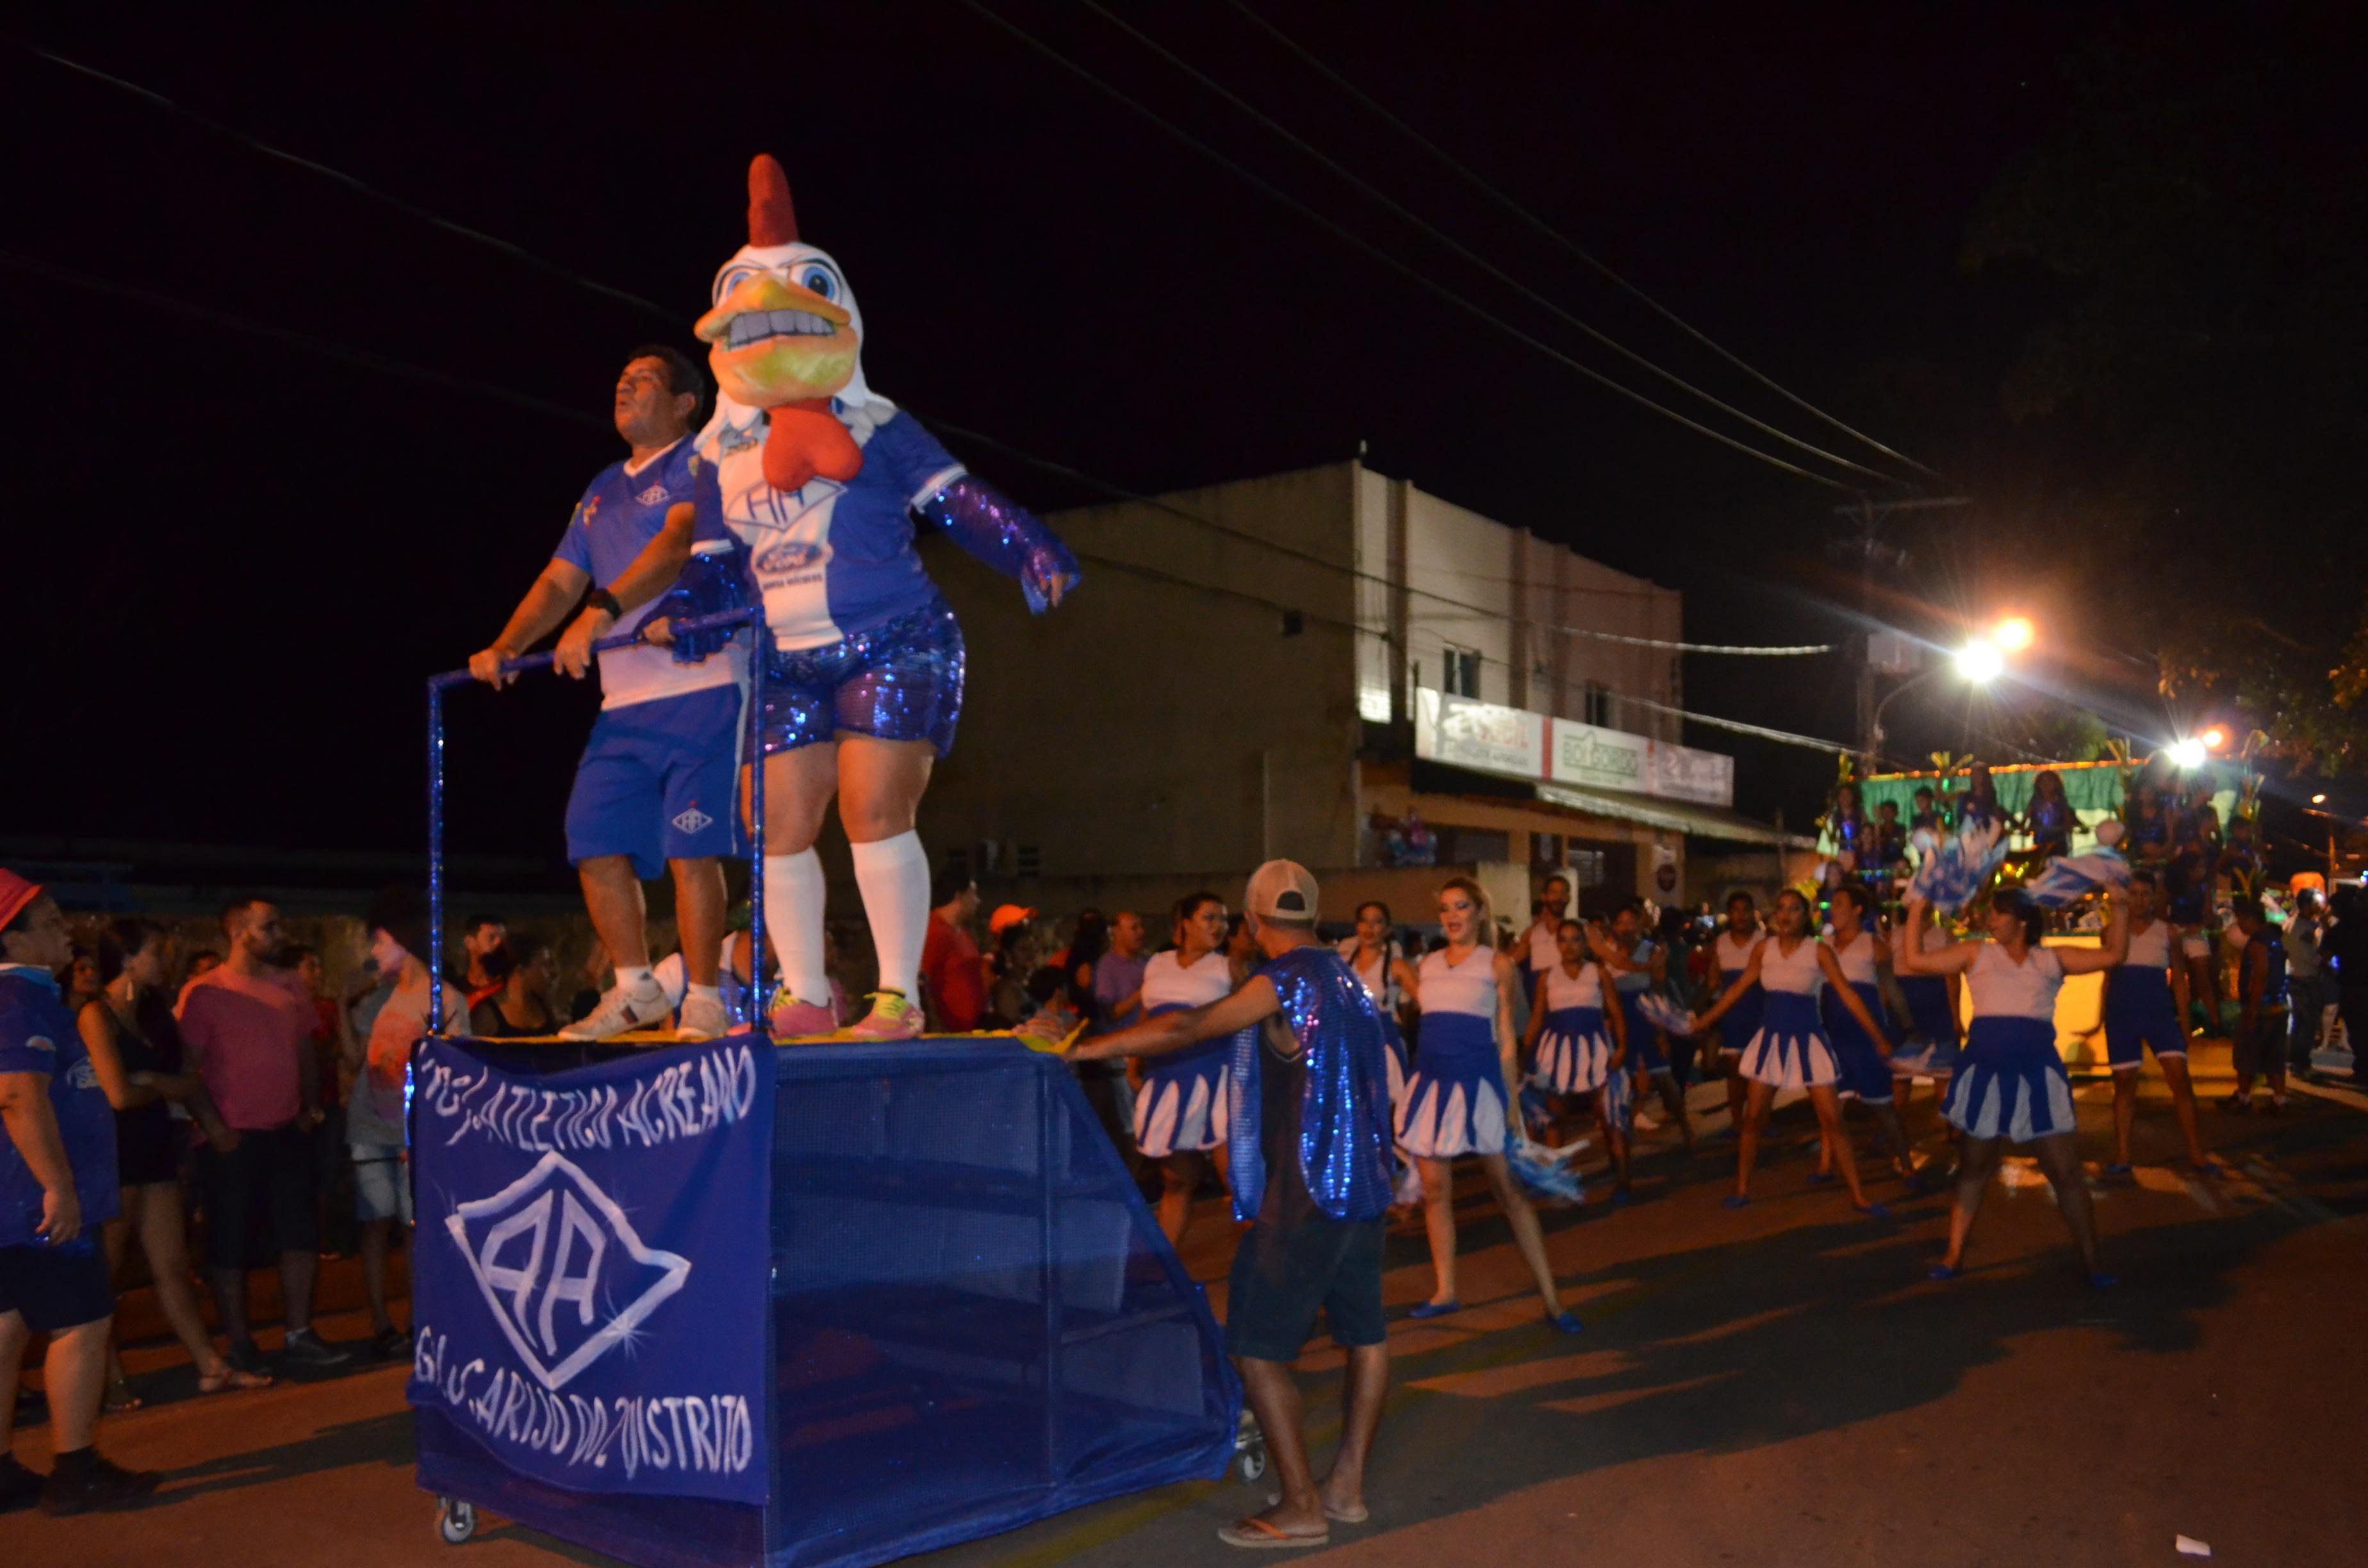 Sem premiação, prefeitura decide manter desfile de blocos em Rio Branco  - Noticias